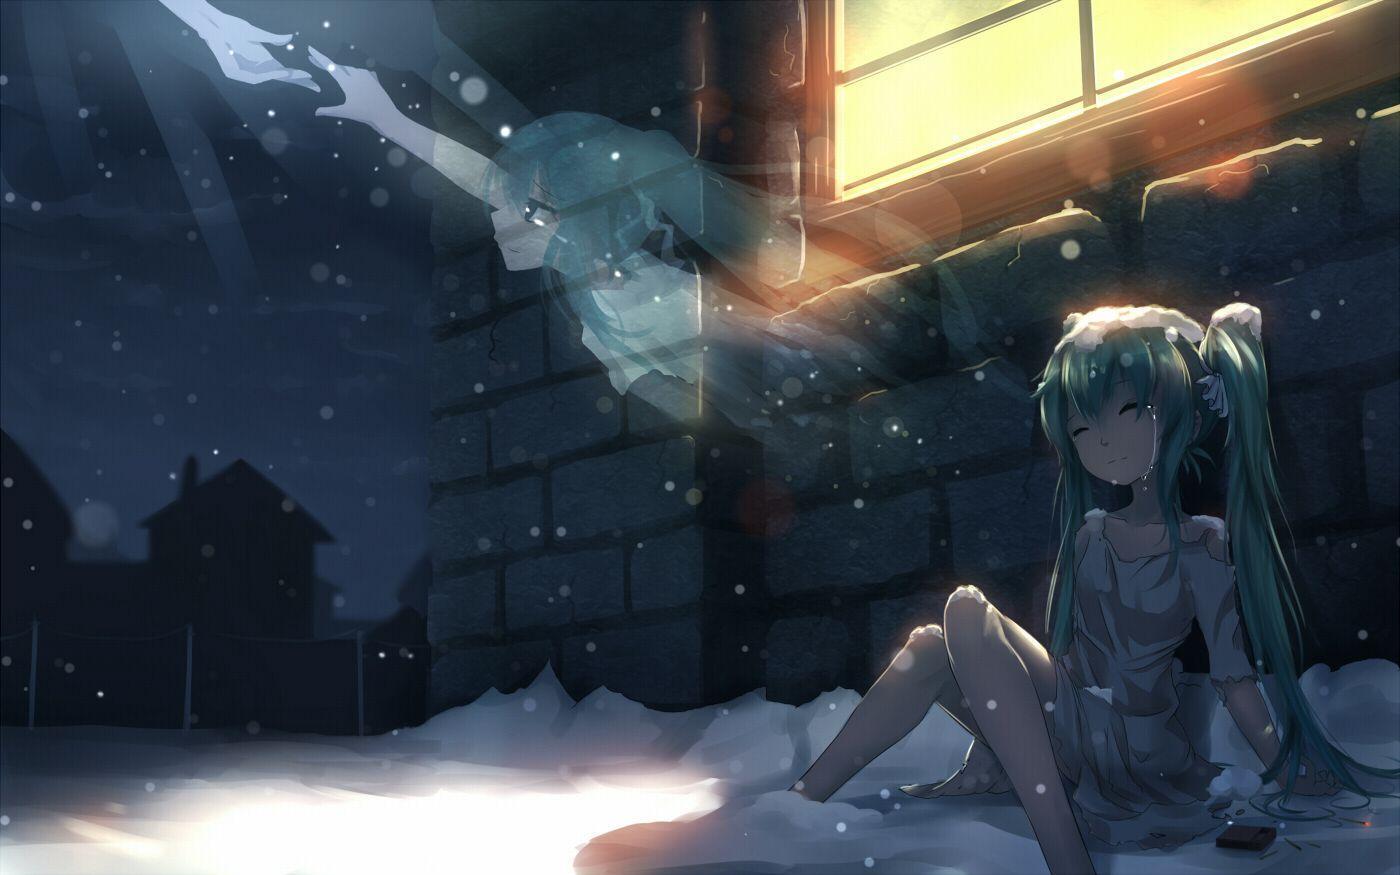 ảnh anime girl cô đơn